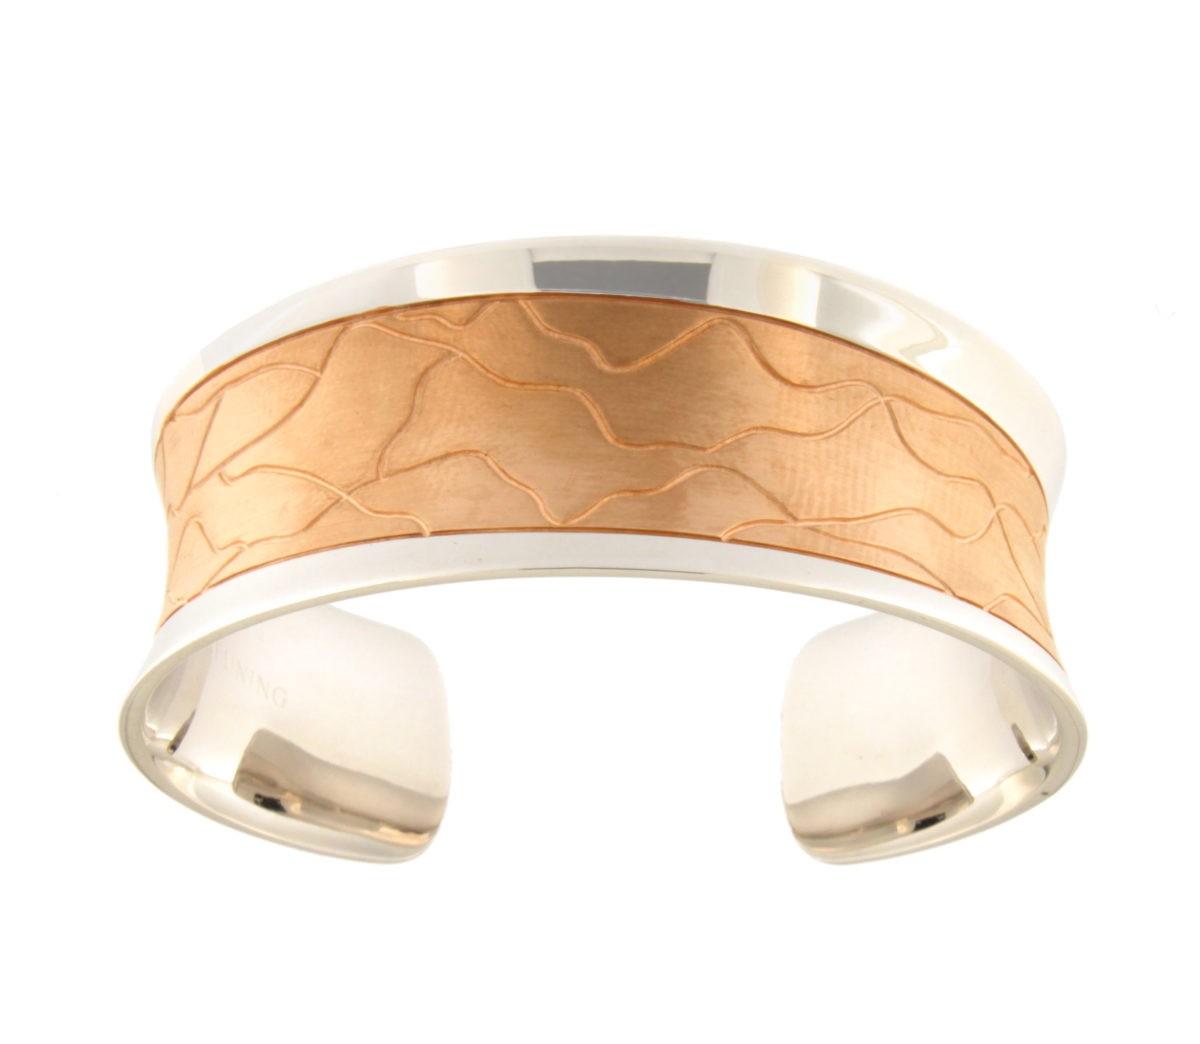 Silver bracelet Code: 540074-0